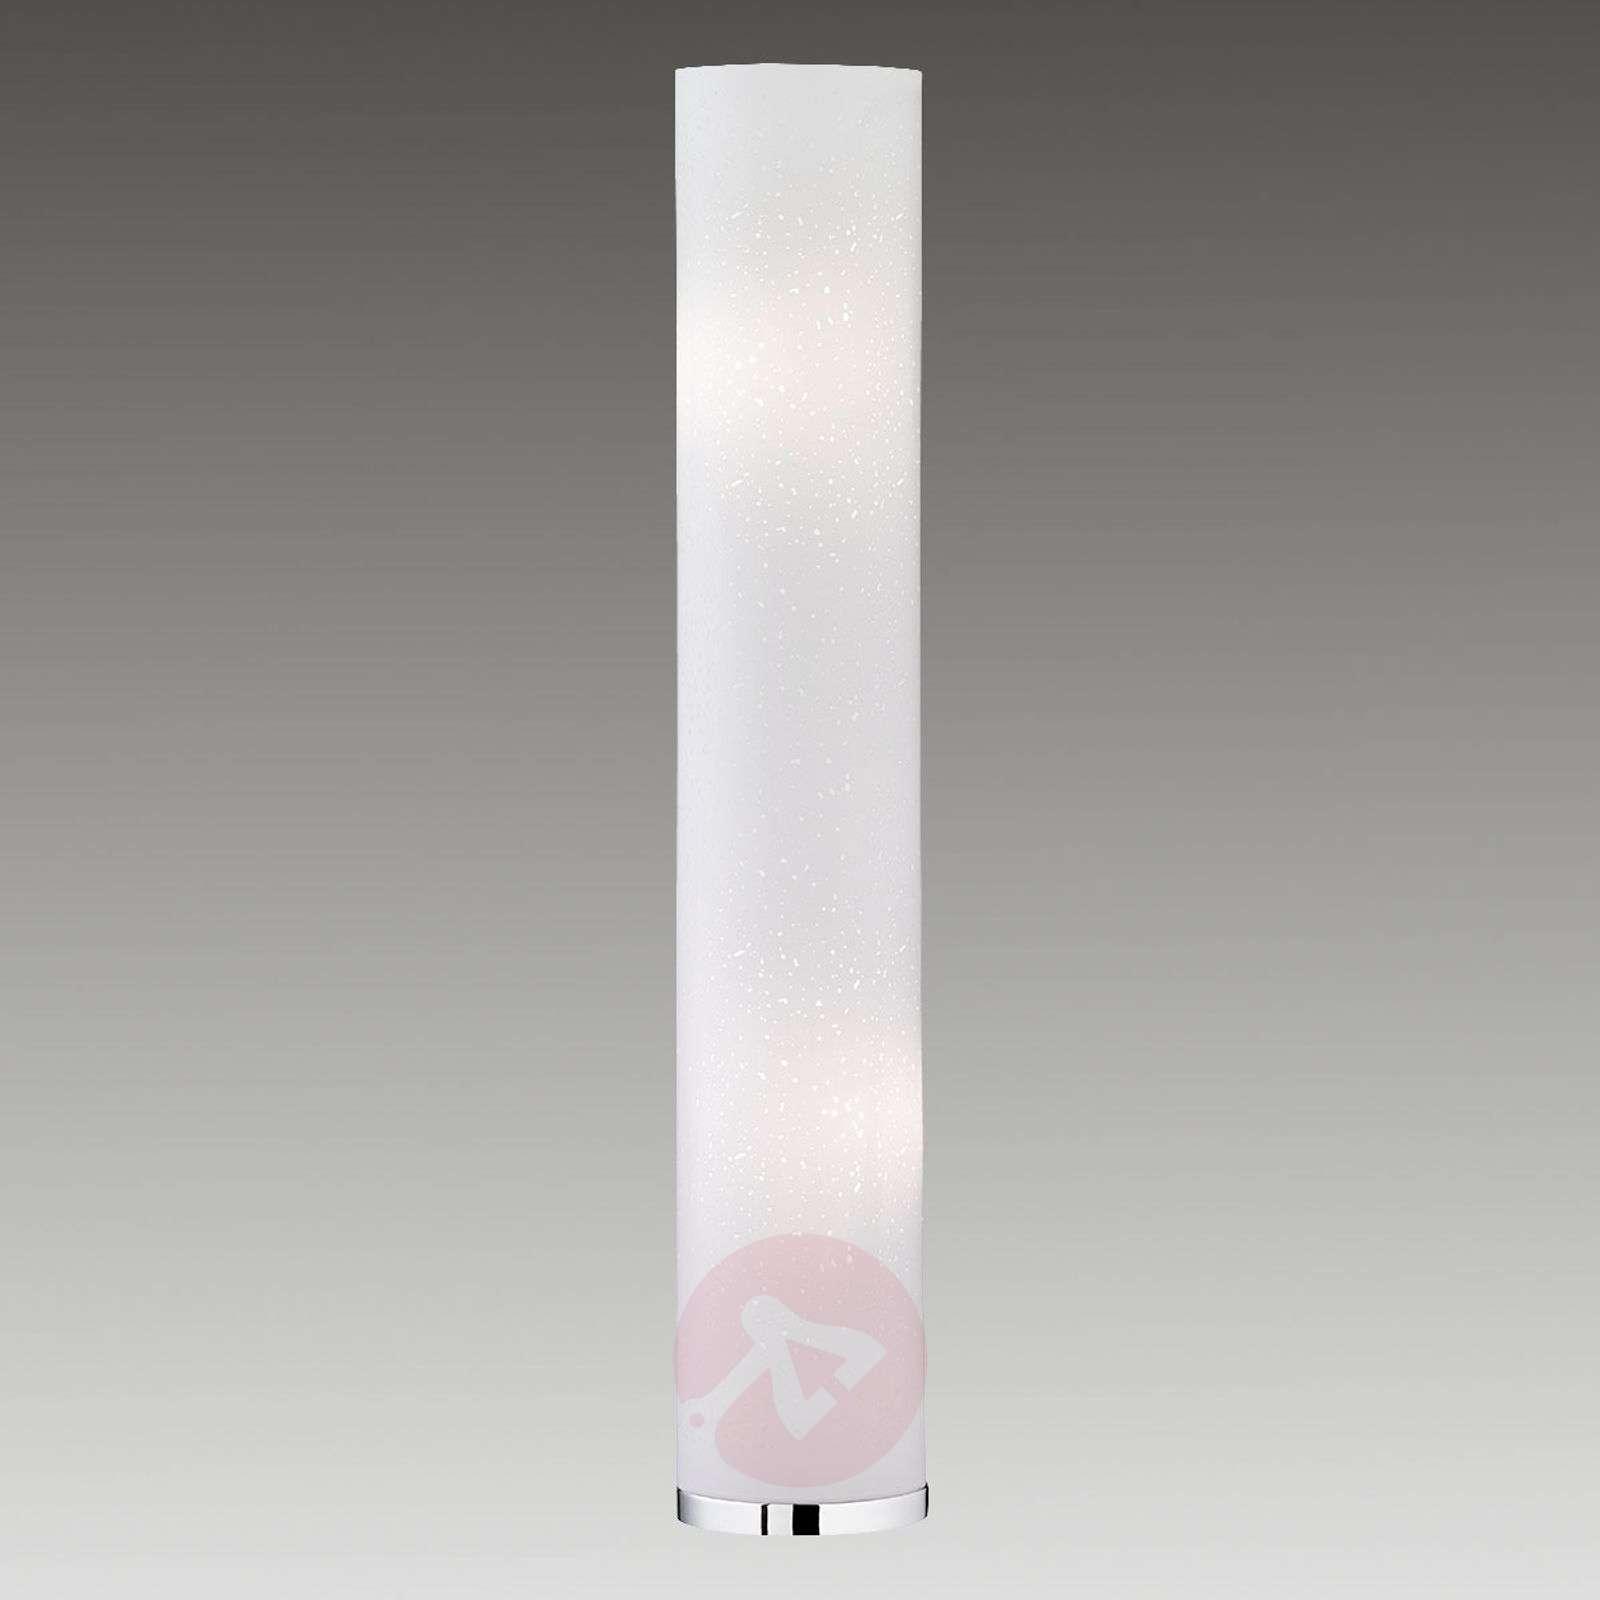 Solakka Thor-lattiavalaisin, valkoinen, 110 cm-4581337-04